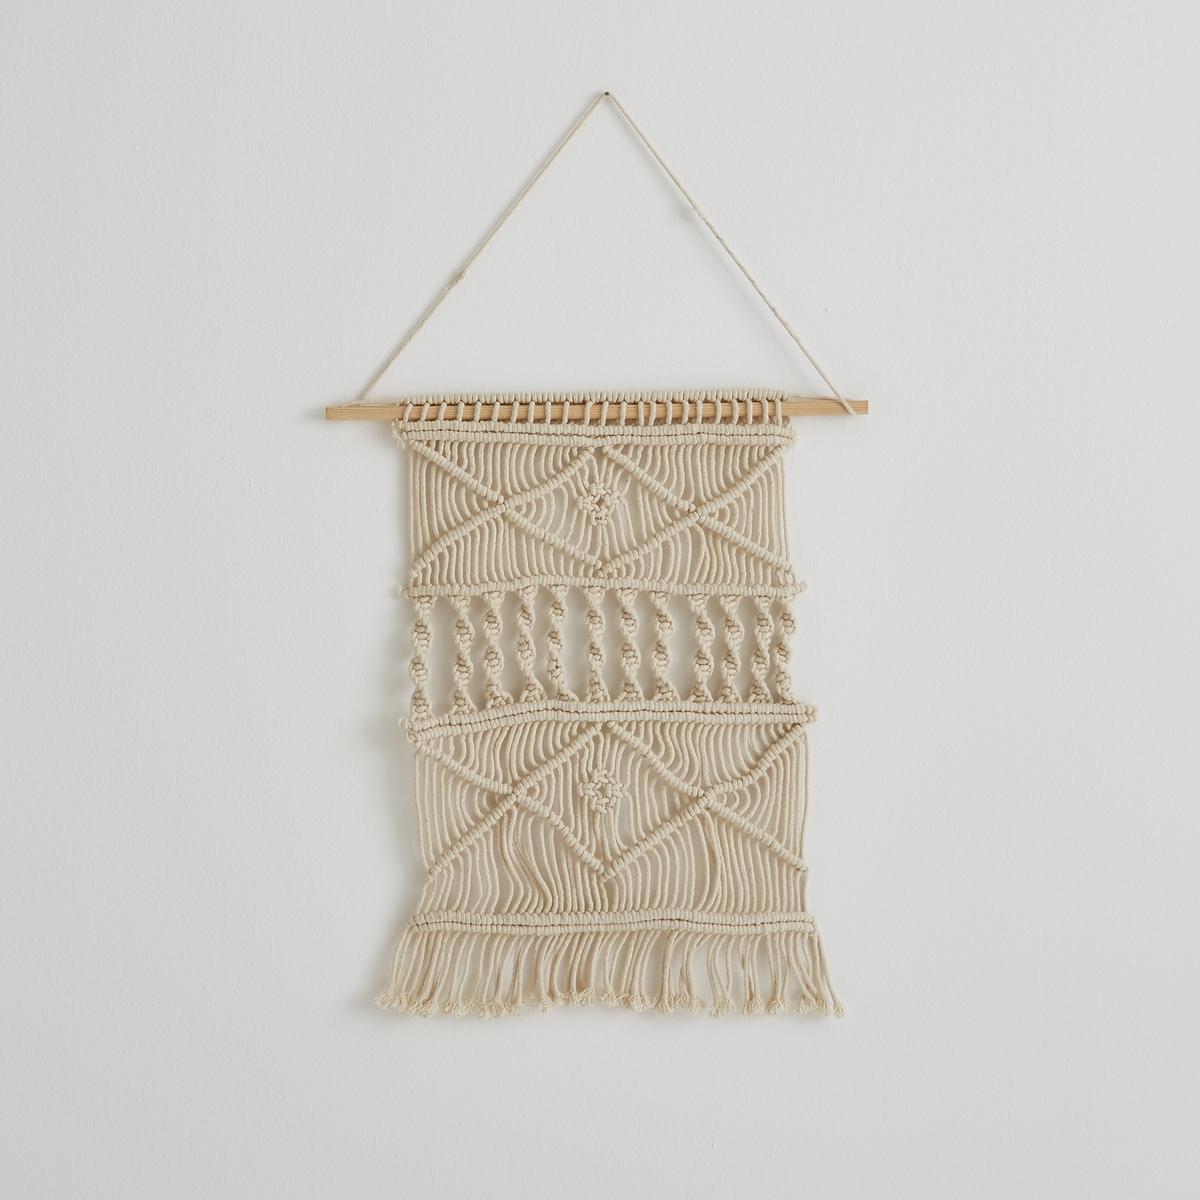 Настенный ковер в стиле макраме, малая модель, NavanitaХарактеристики :100% хлопок. Багет из сосны со шнурком. Размеры : Ш.45 x В.60 см.<br><br>Цвет: экрю